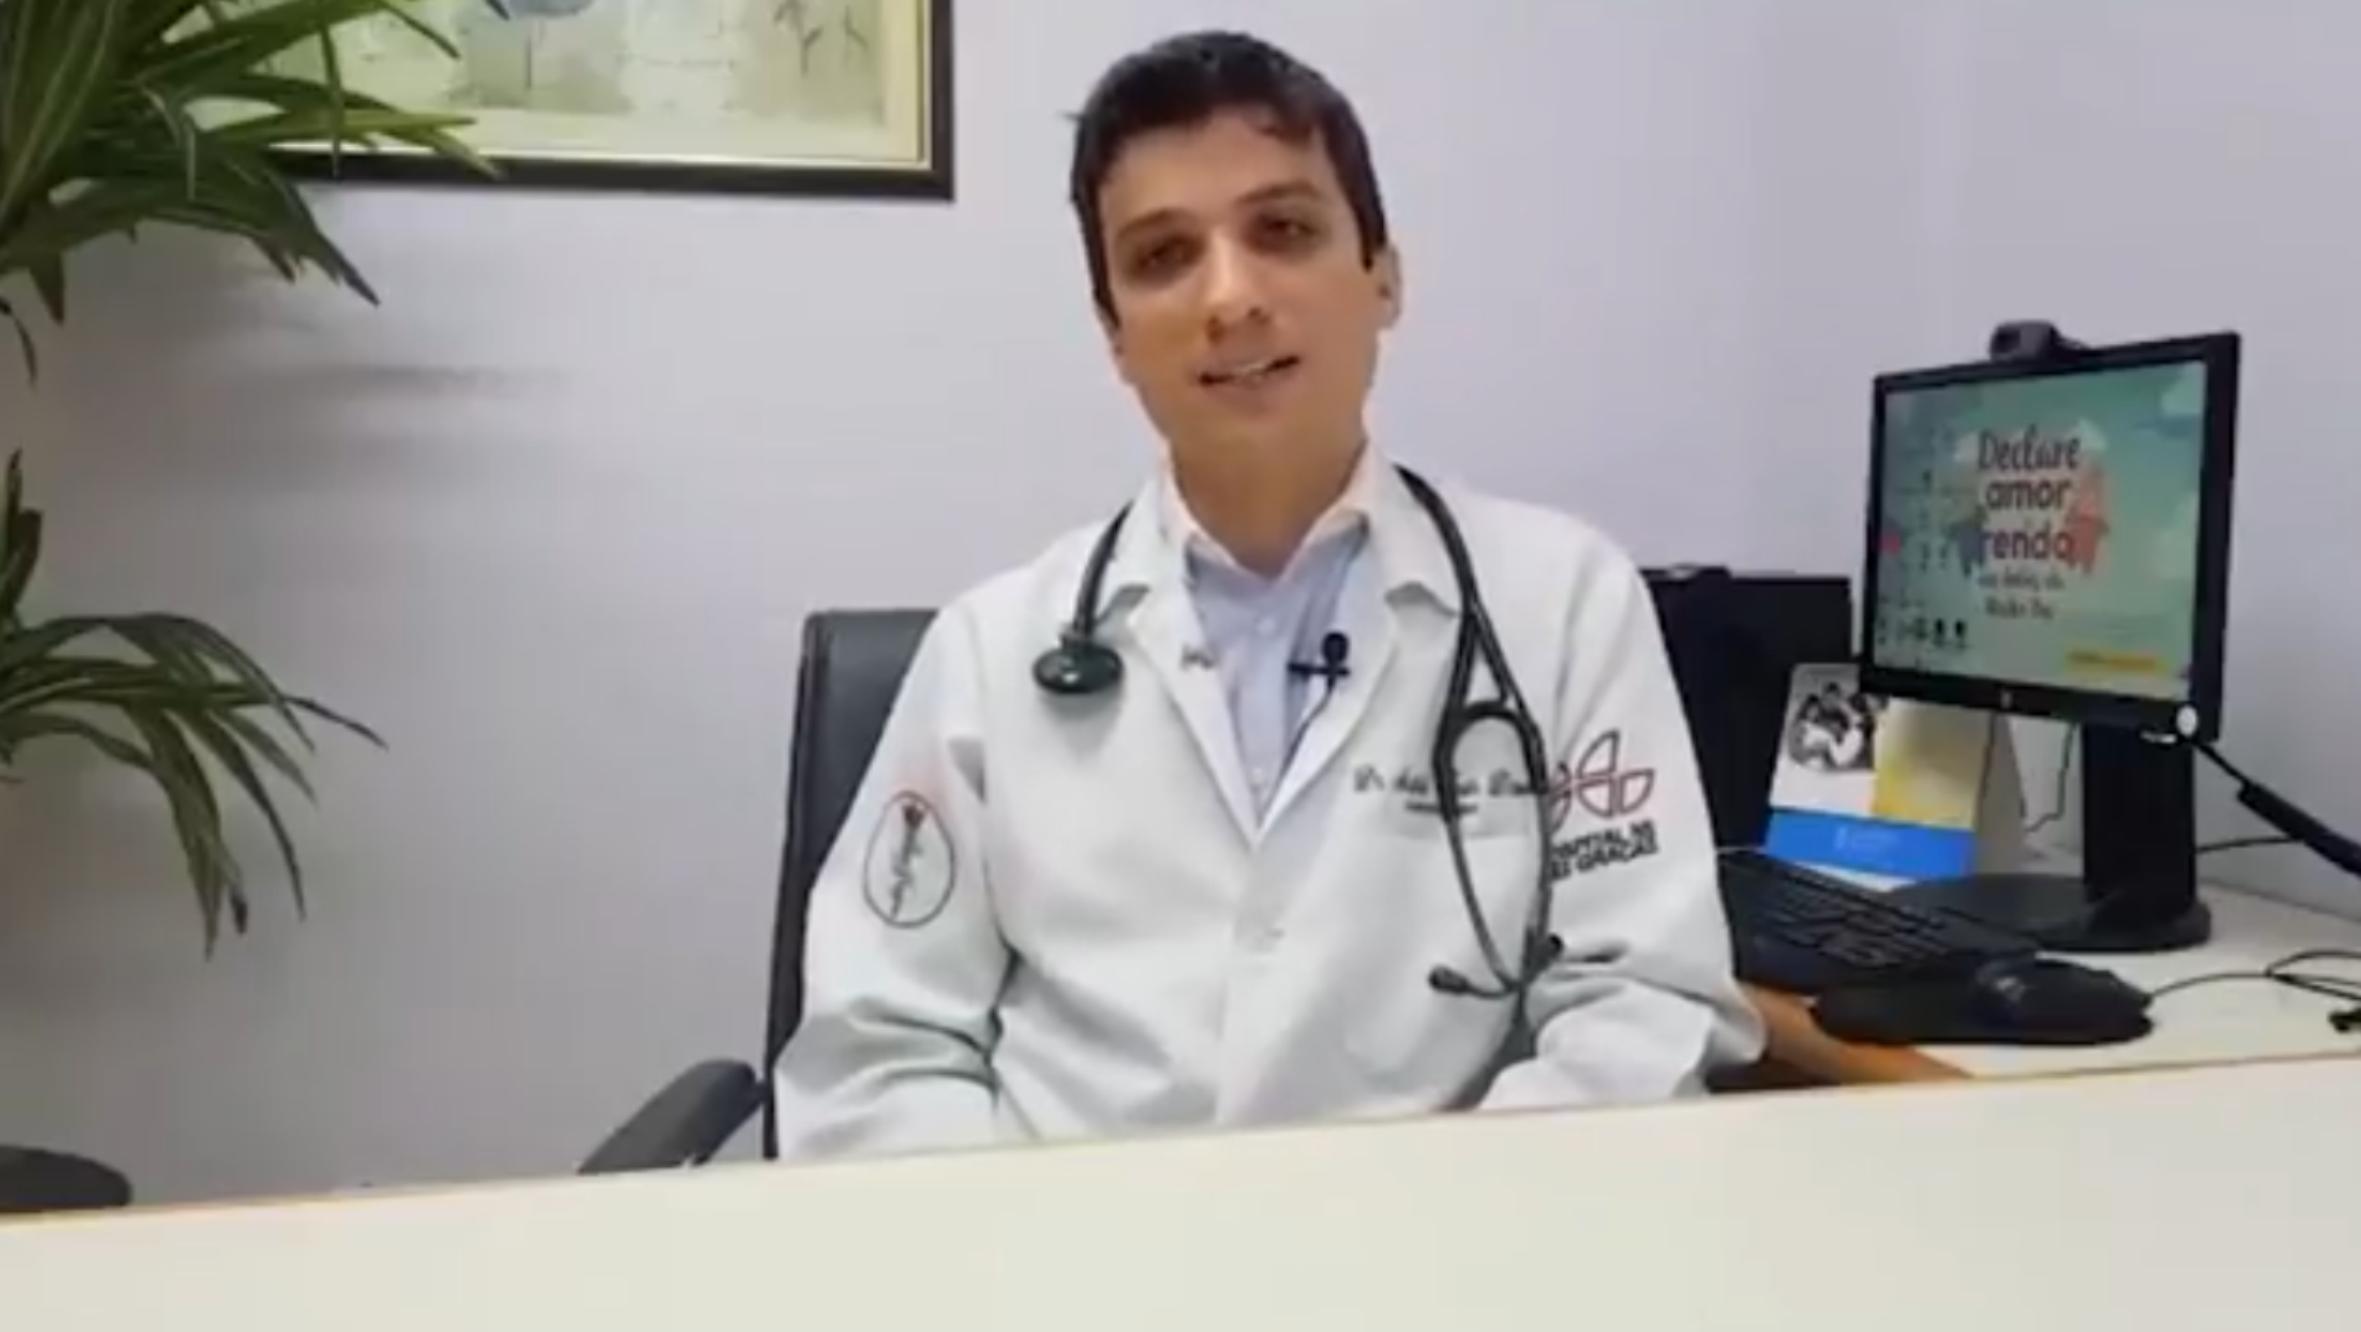 Cardiologista alerta sobre cuidados com a saúde do coração - Hospital Nossa Senhora da Graça